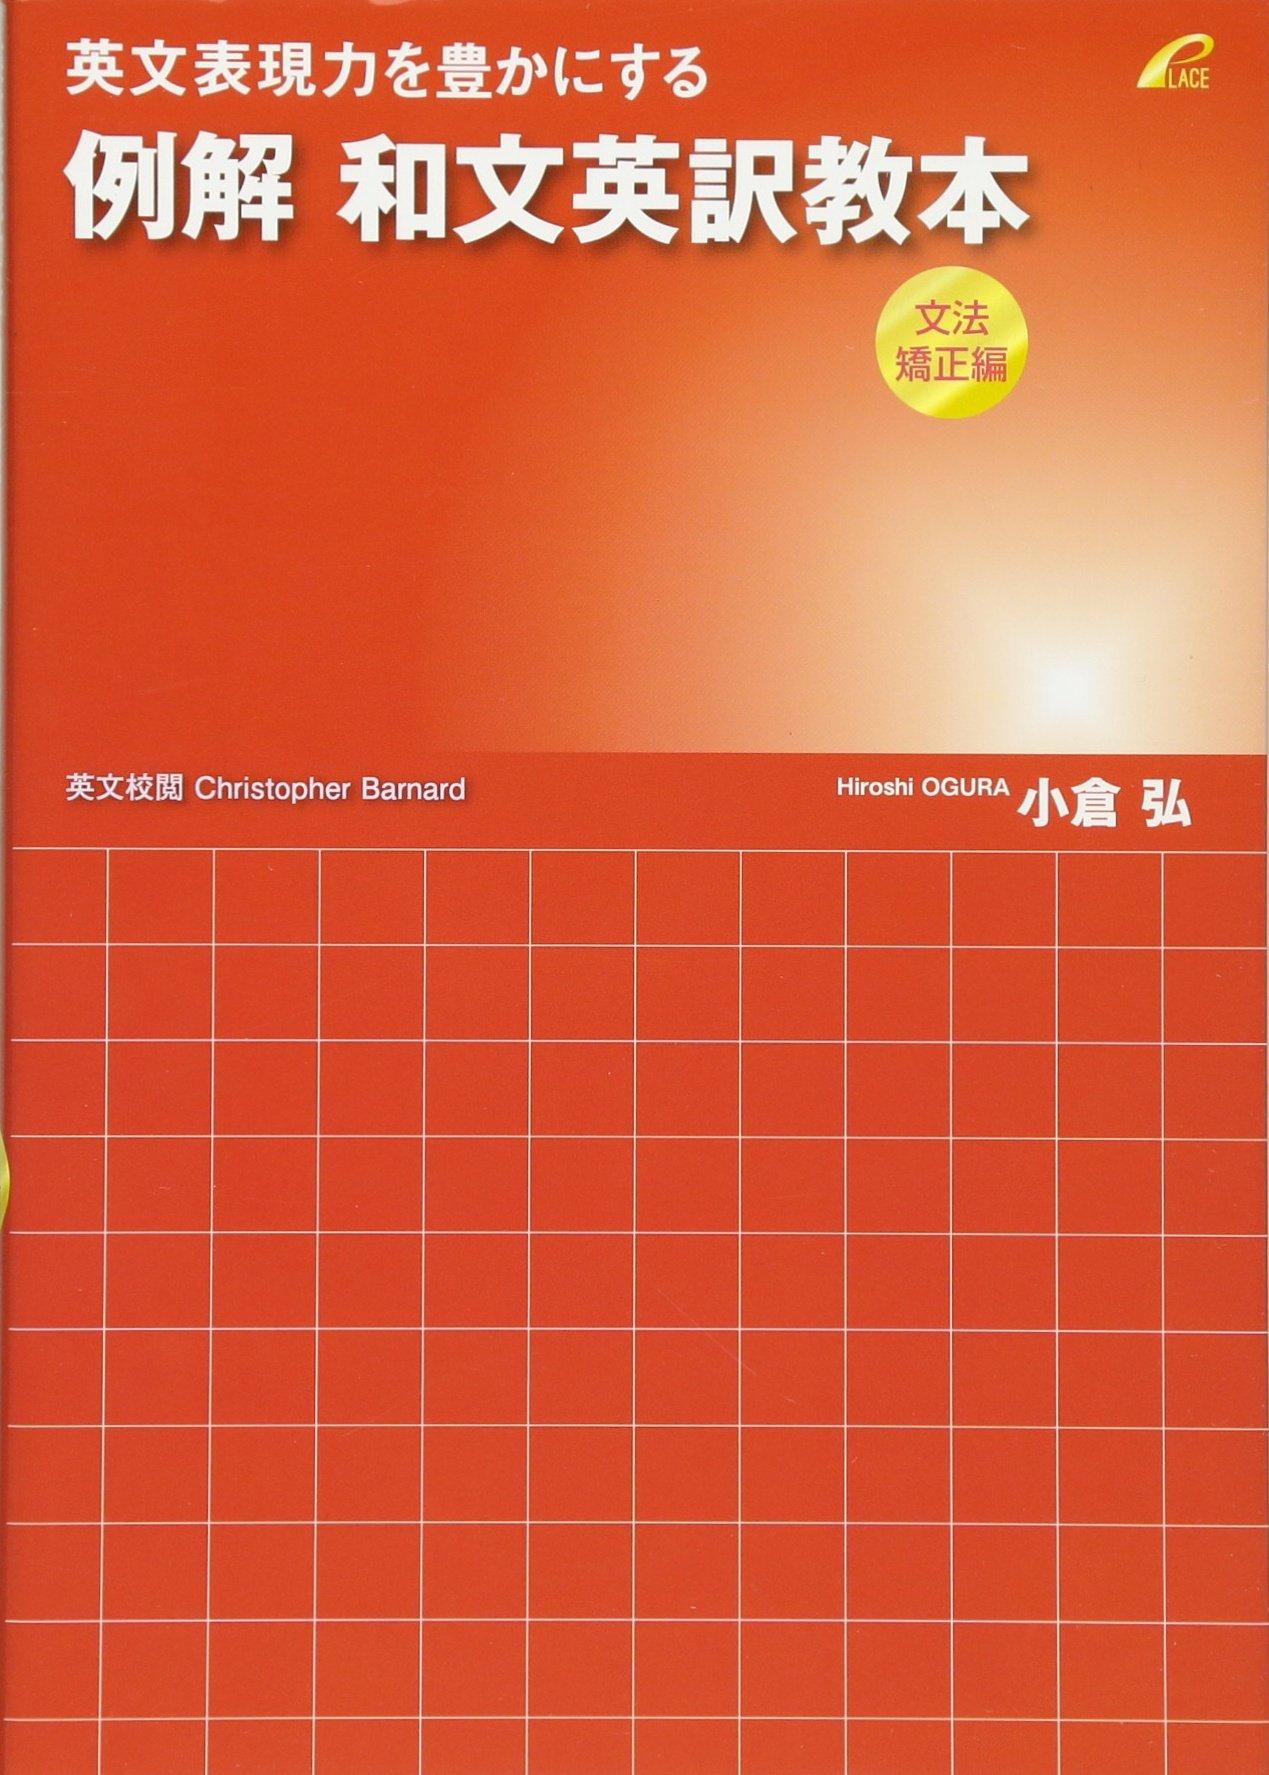 英作文のおすすめ参考書・問題集『例解 和文英訳教本』